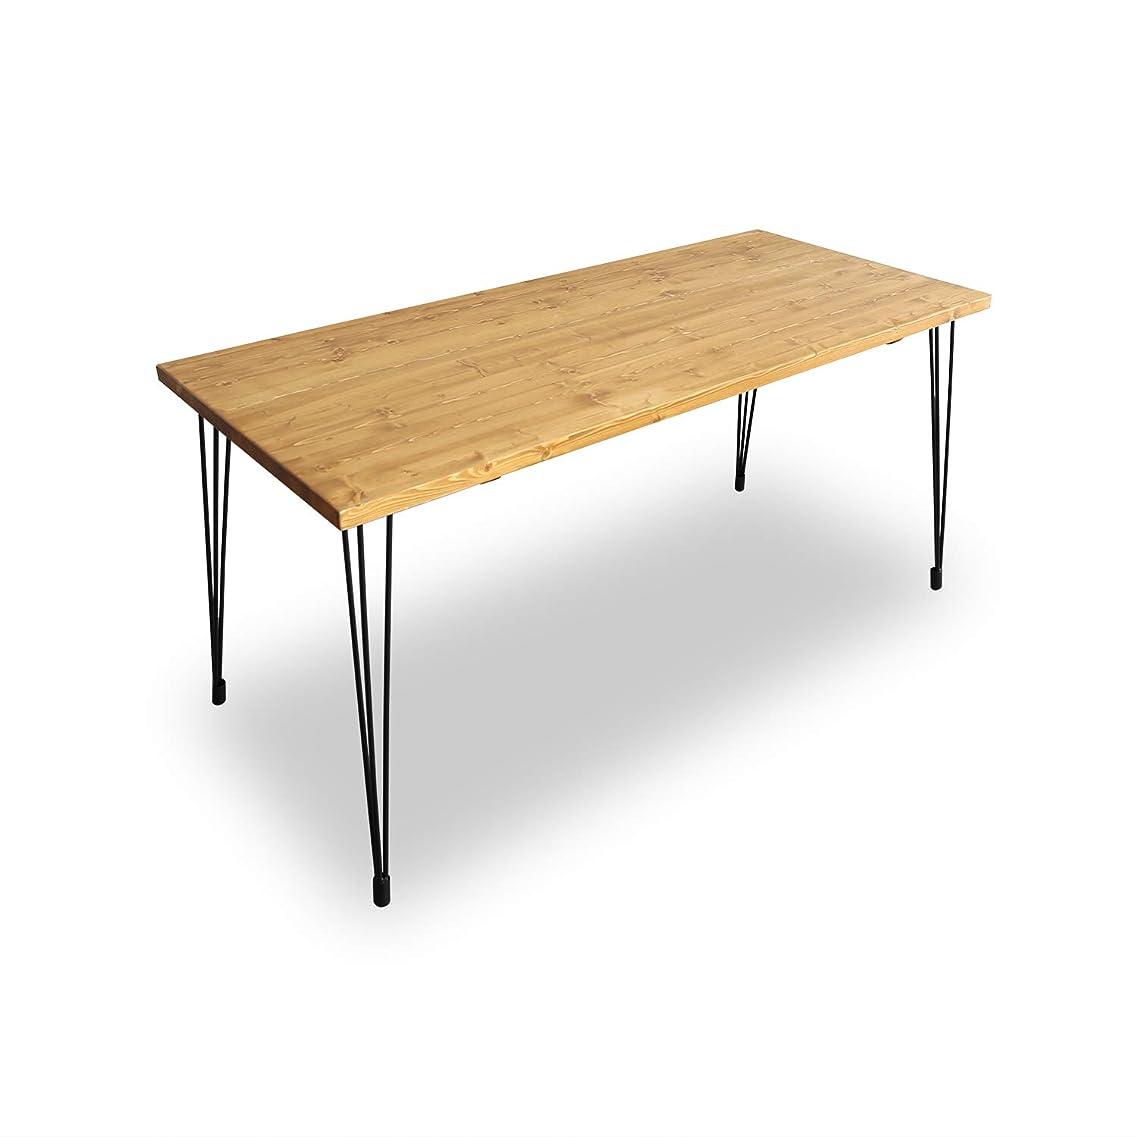 モネ情報コインLOWYA テーブル パイン無垢材 天然木 スチール脚 デスク ダイニングテーブル 幅160cm ライトブラウン おしゃれ 新生活